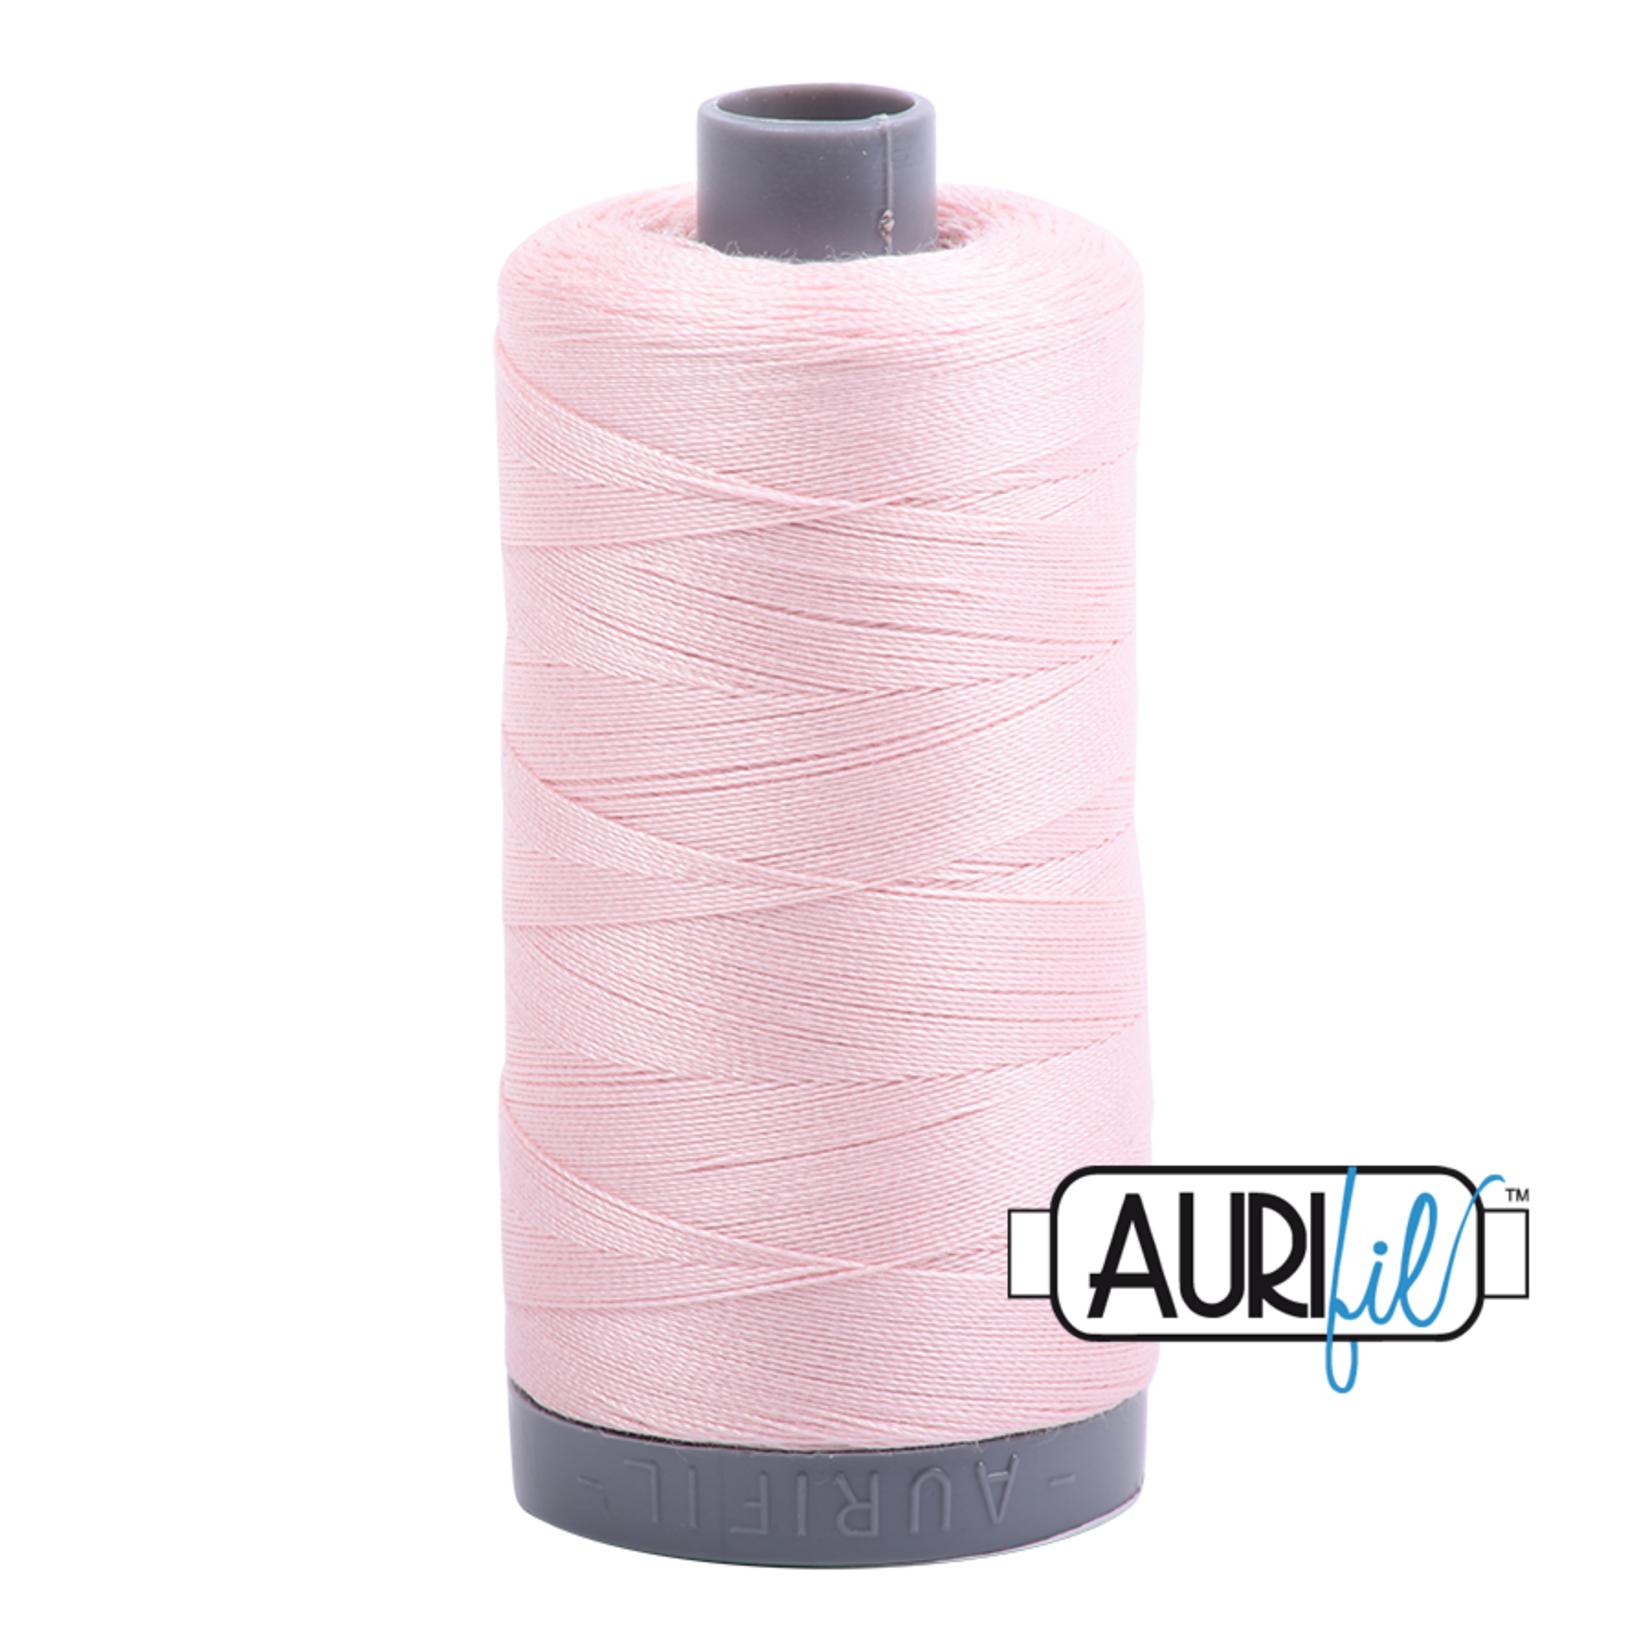 AURIFIL AURIFIL 28 WT Pale Pink 2410